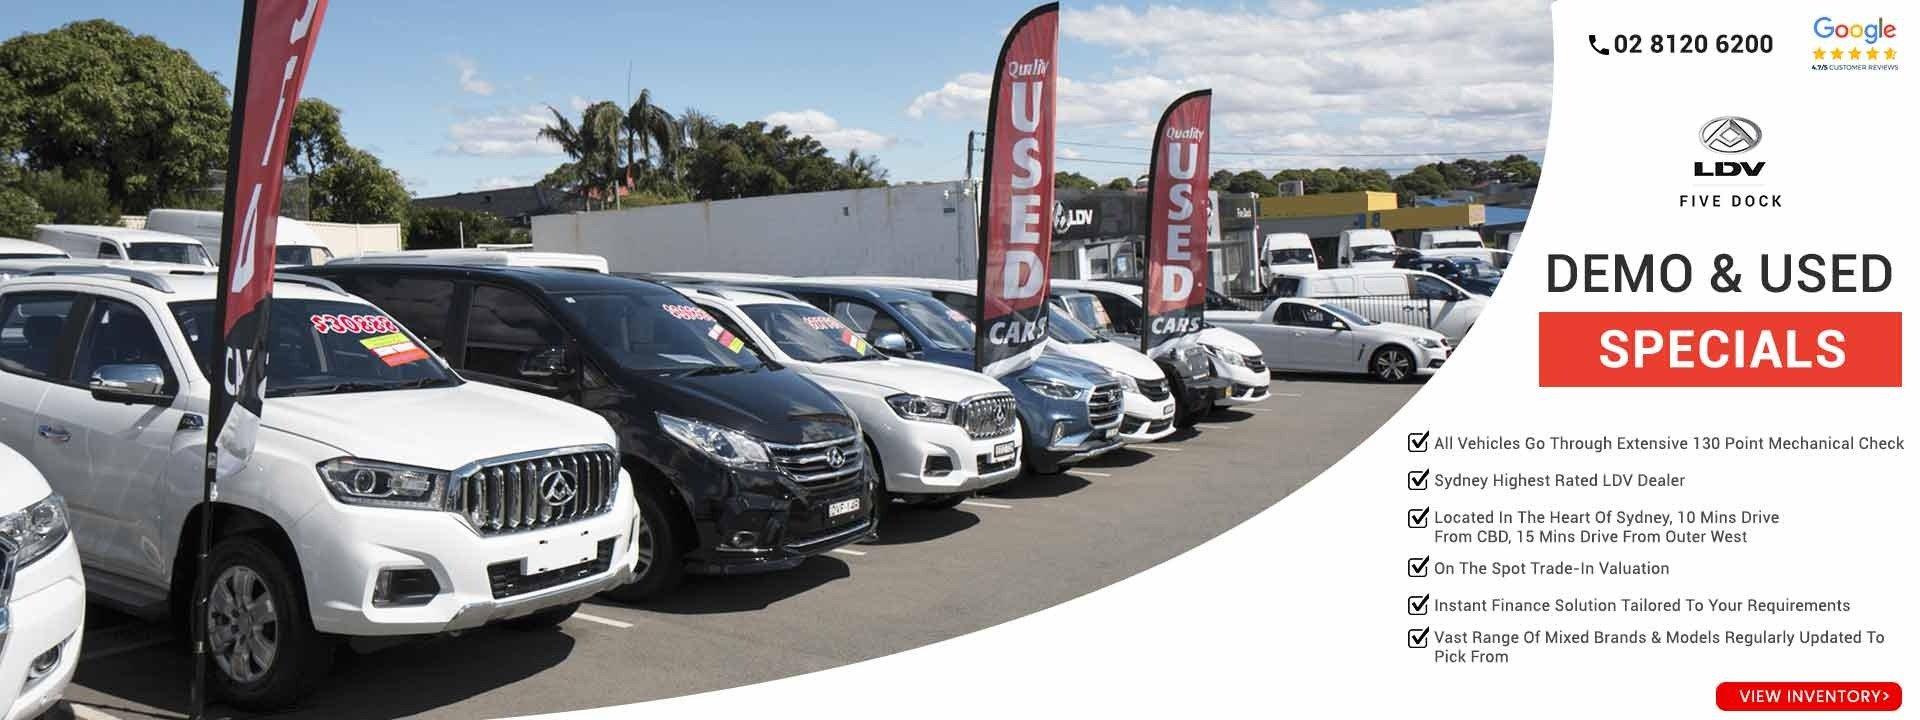 used_car_dealer_five_dock_sydney